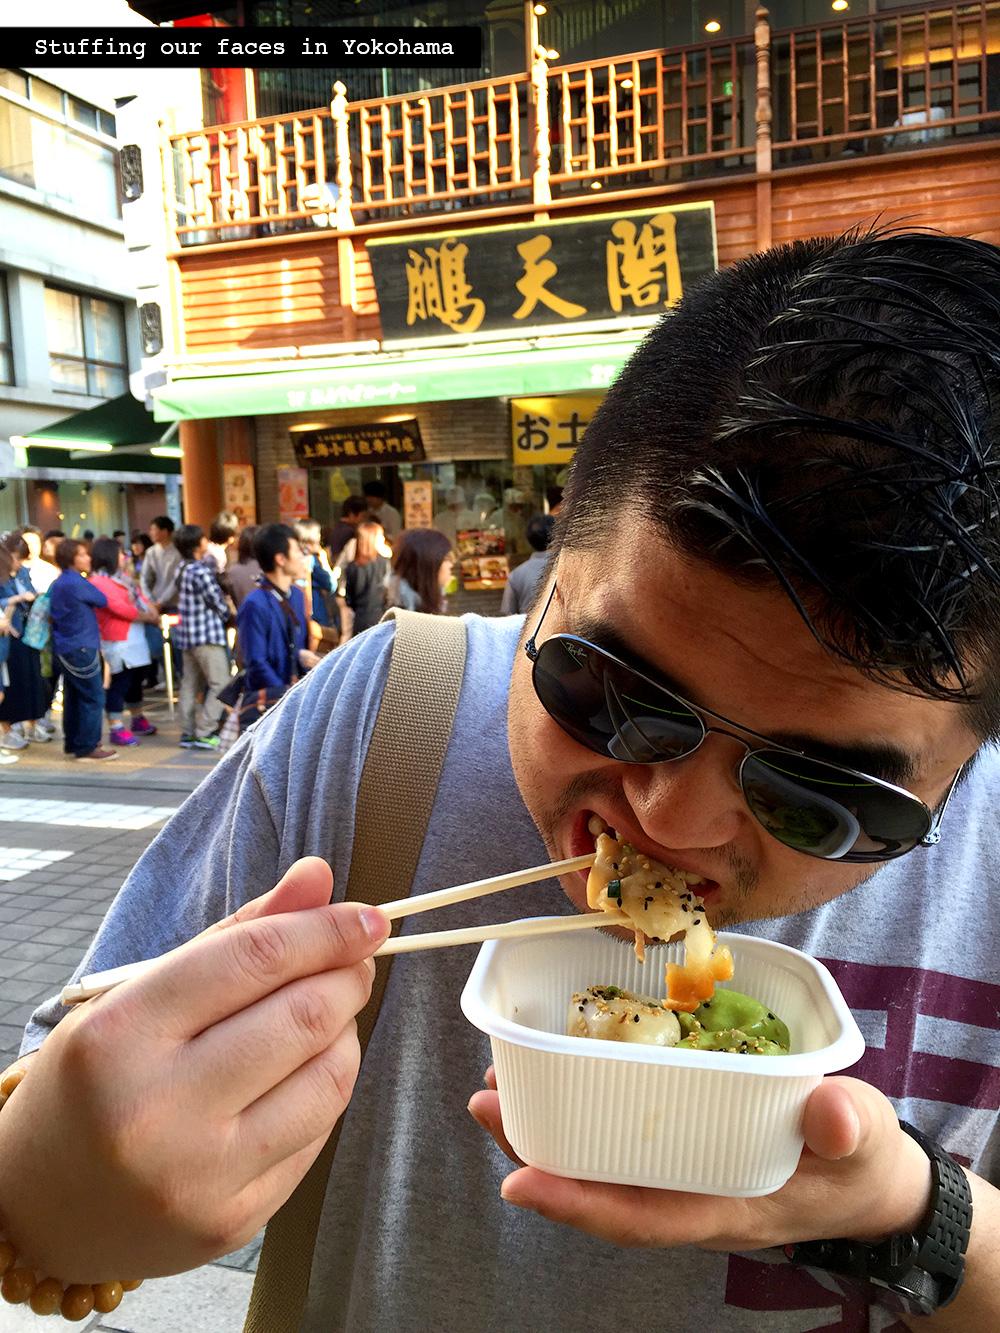 missie-cindz-yokohama-dumplings